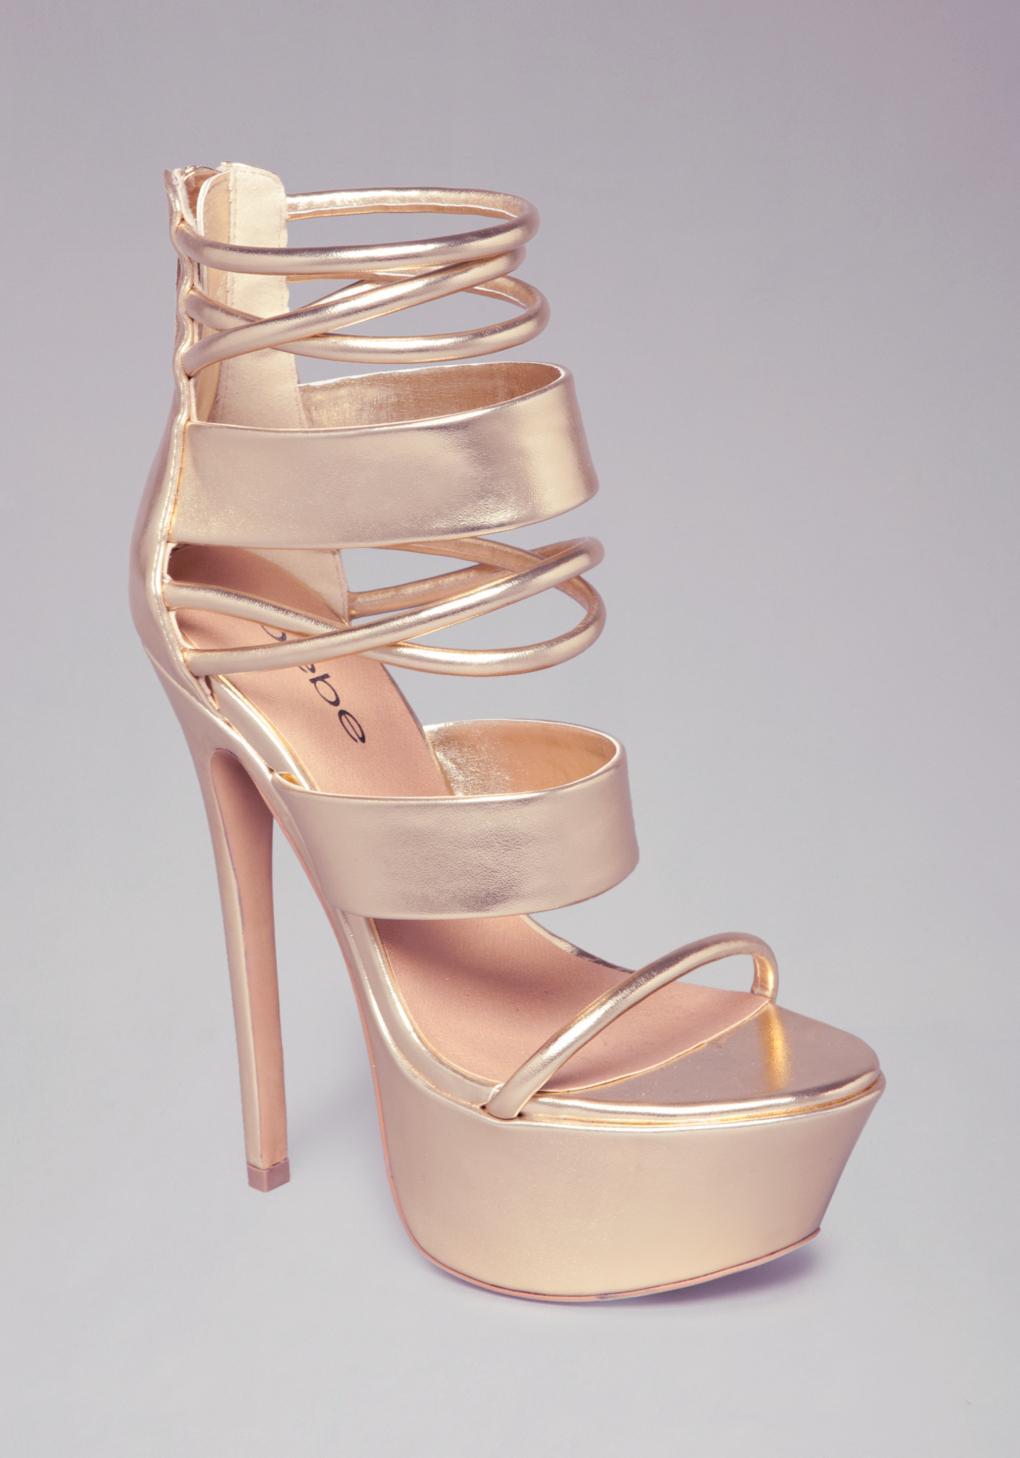 3d55f9fb1f7 Lyst - Bebe Daniella Strappy Sandals in Metallic